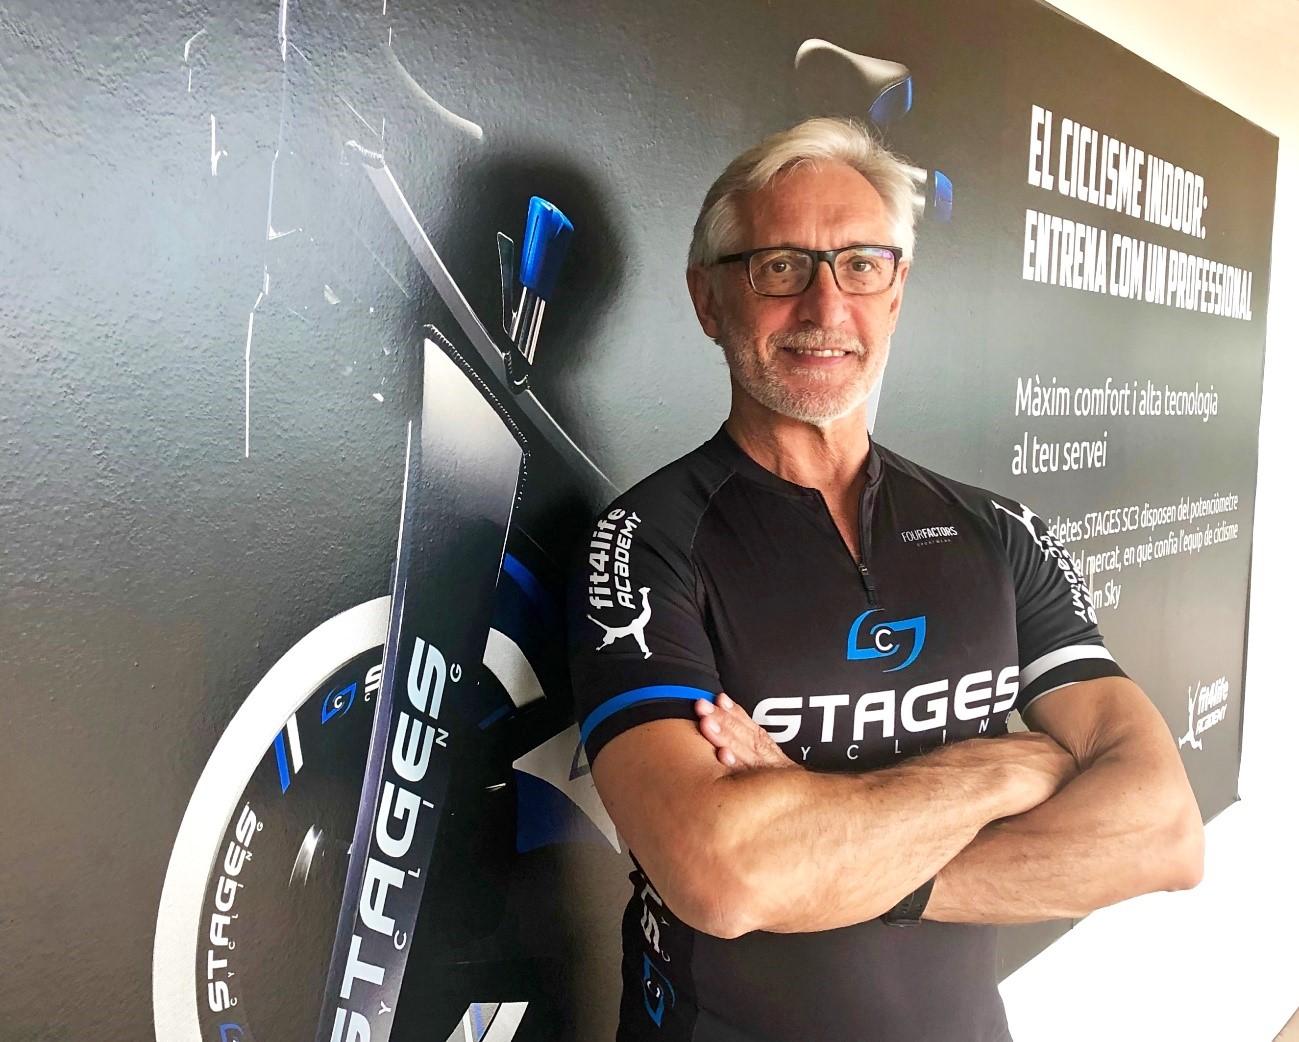 Jesús Gallego, pionero del ciclo indoor en España, se despide de Fit4Life Academy